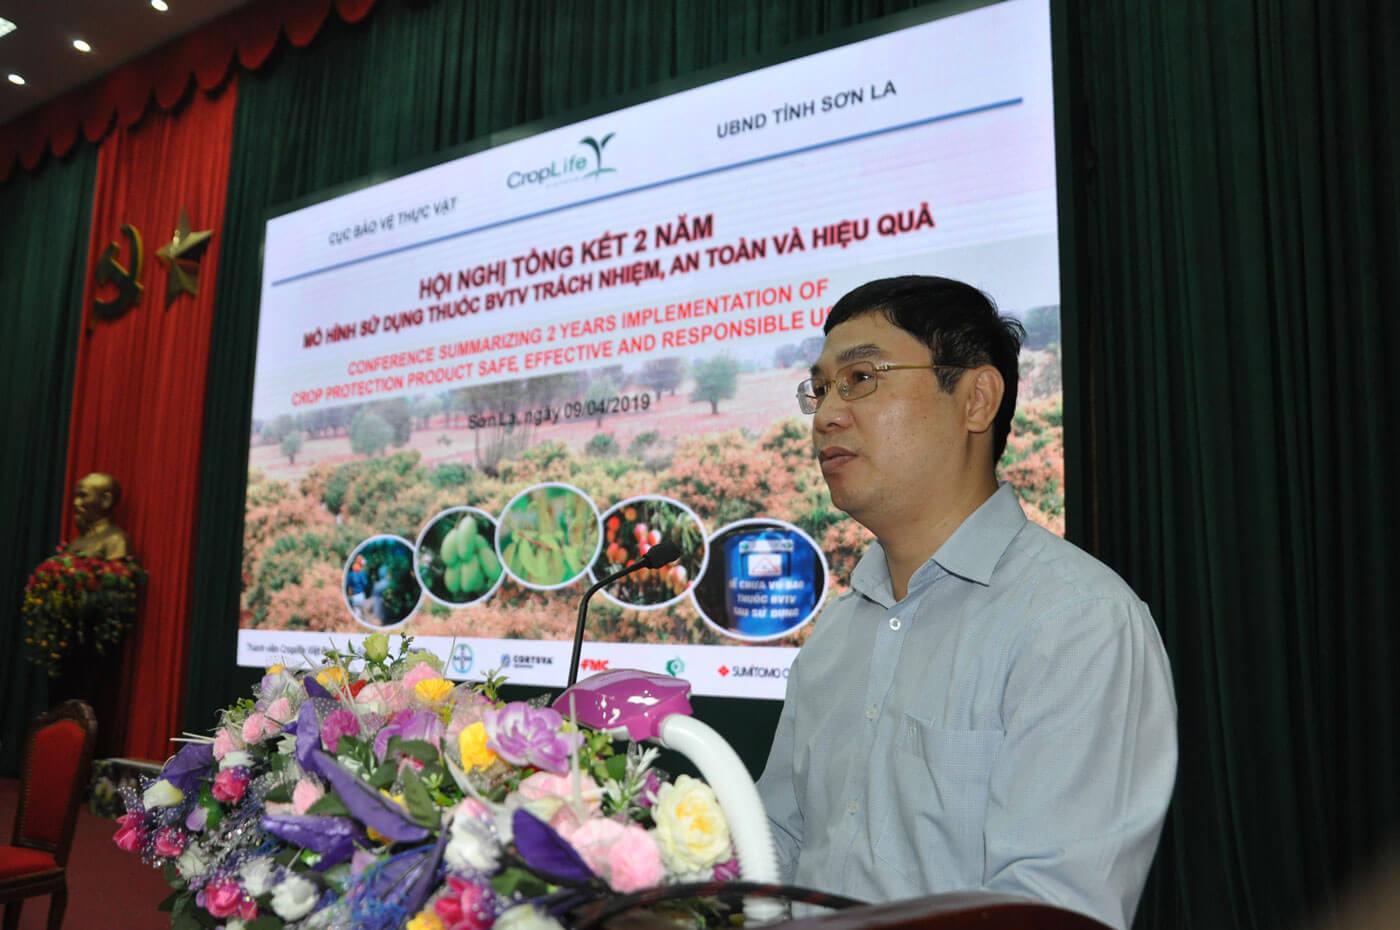 Ông Nguyễn Quý Dương - Phó Cục trưởng Cục BVTV (Bộ NNPTNT) phát biểu tại hội nghị ngày 9.4 ở Sơn La.